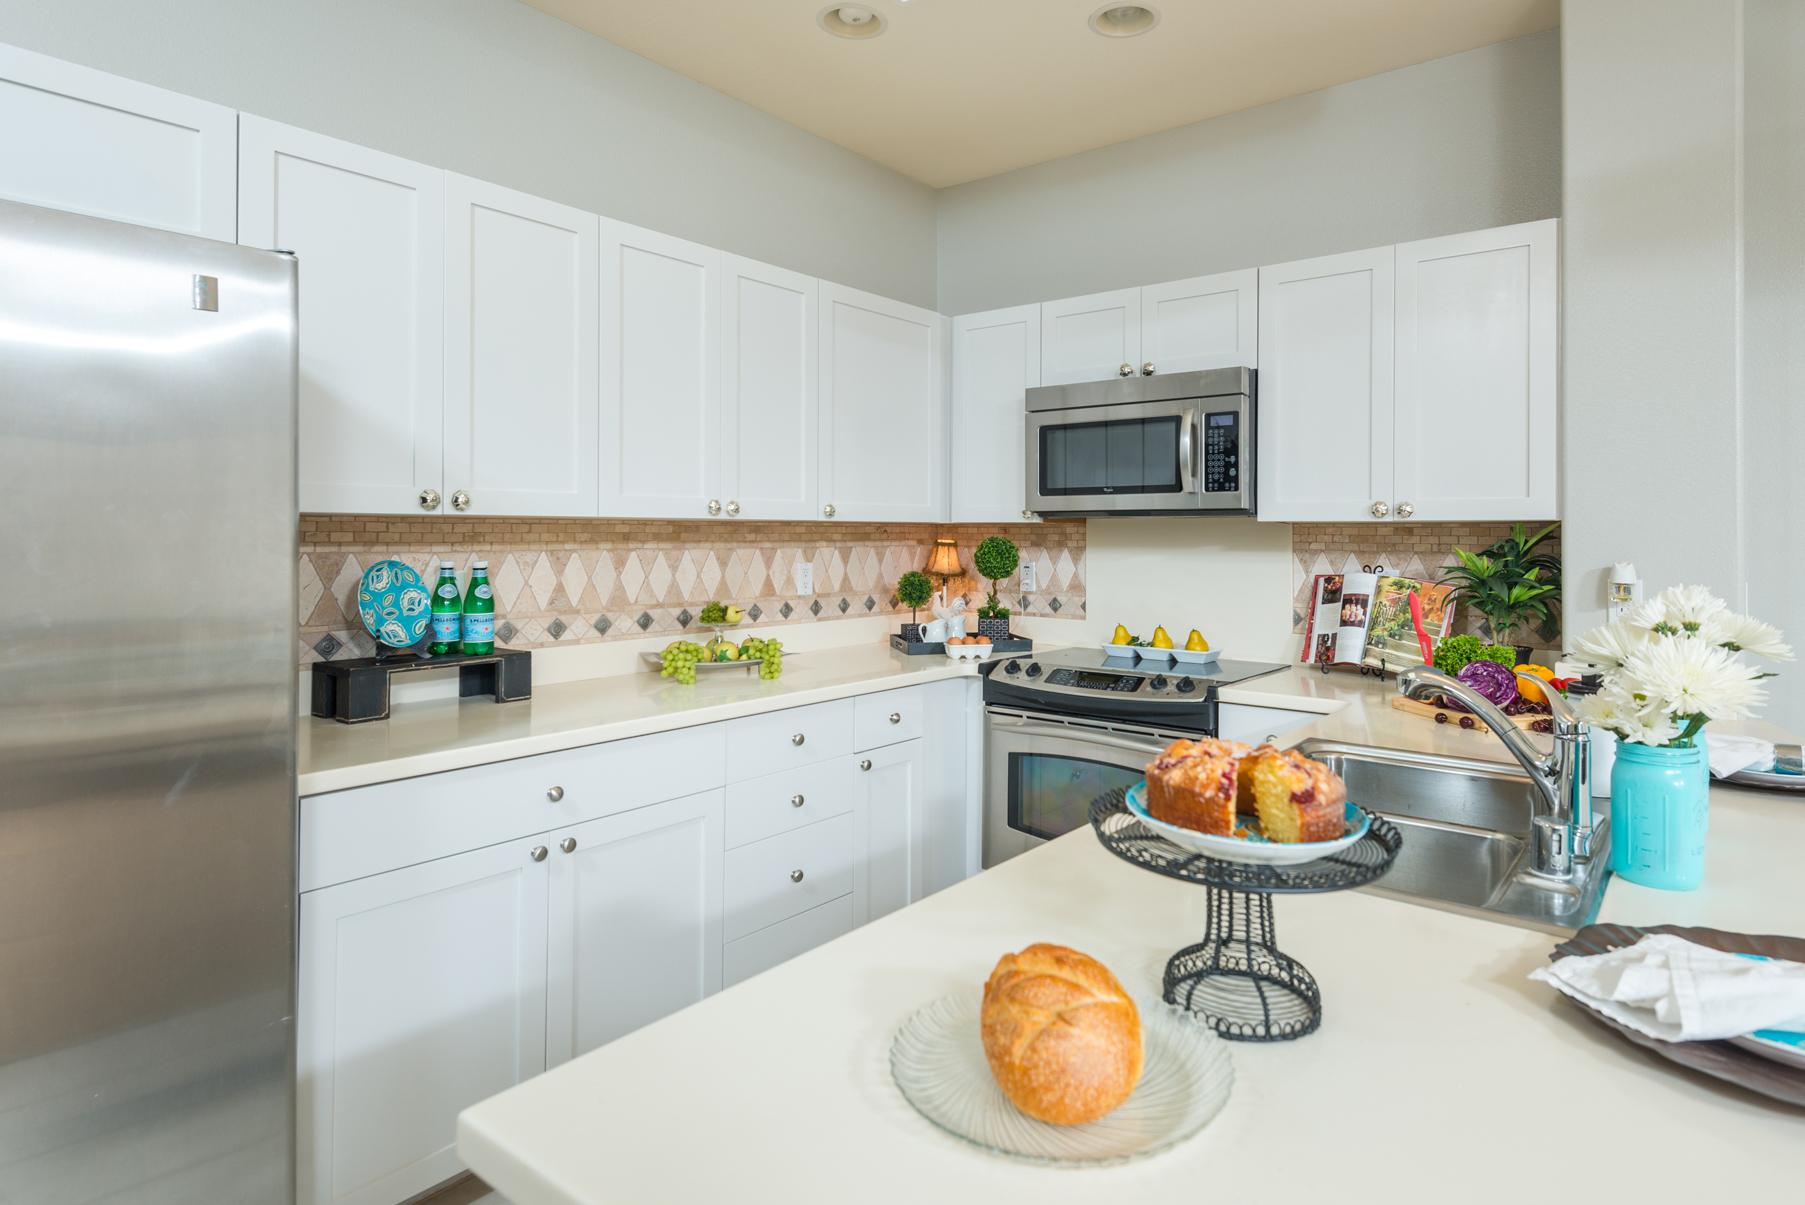 Maison unifamiliale pour l Vente à A Feeling of Home 91-769 Launahele Street #92 Ewa Beach, Hawaii, 96706 États-Unis